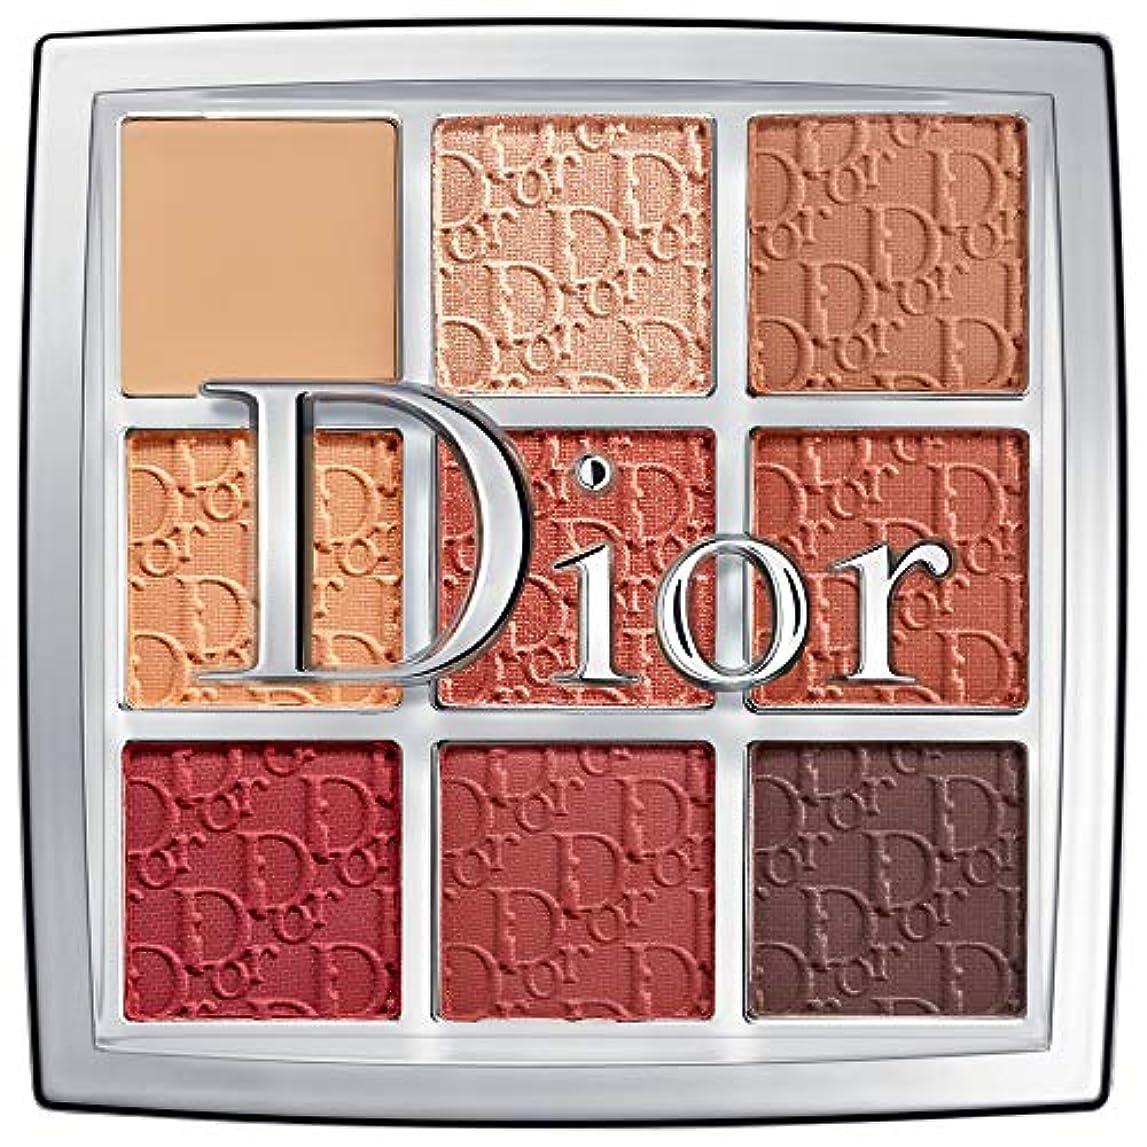 してはいけない装置想像力豊かな【 国内正規品 】Dior ディオール バックステージ アイ パレット #003 アンバー 10g (アシャドウ)